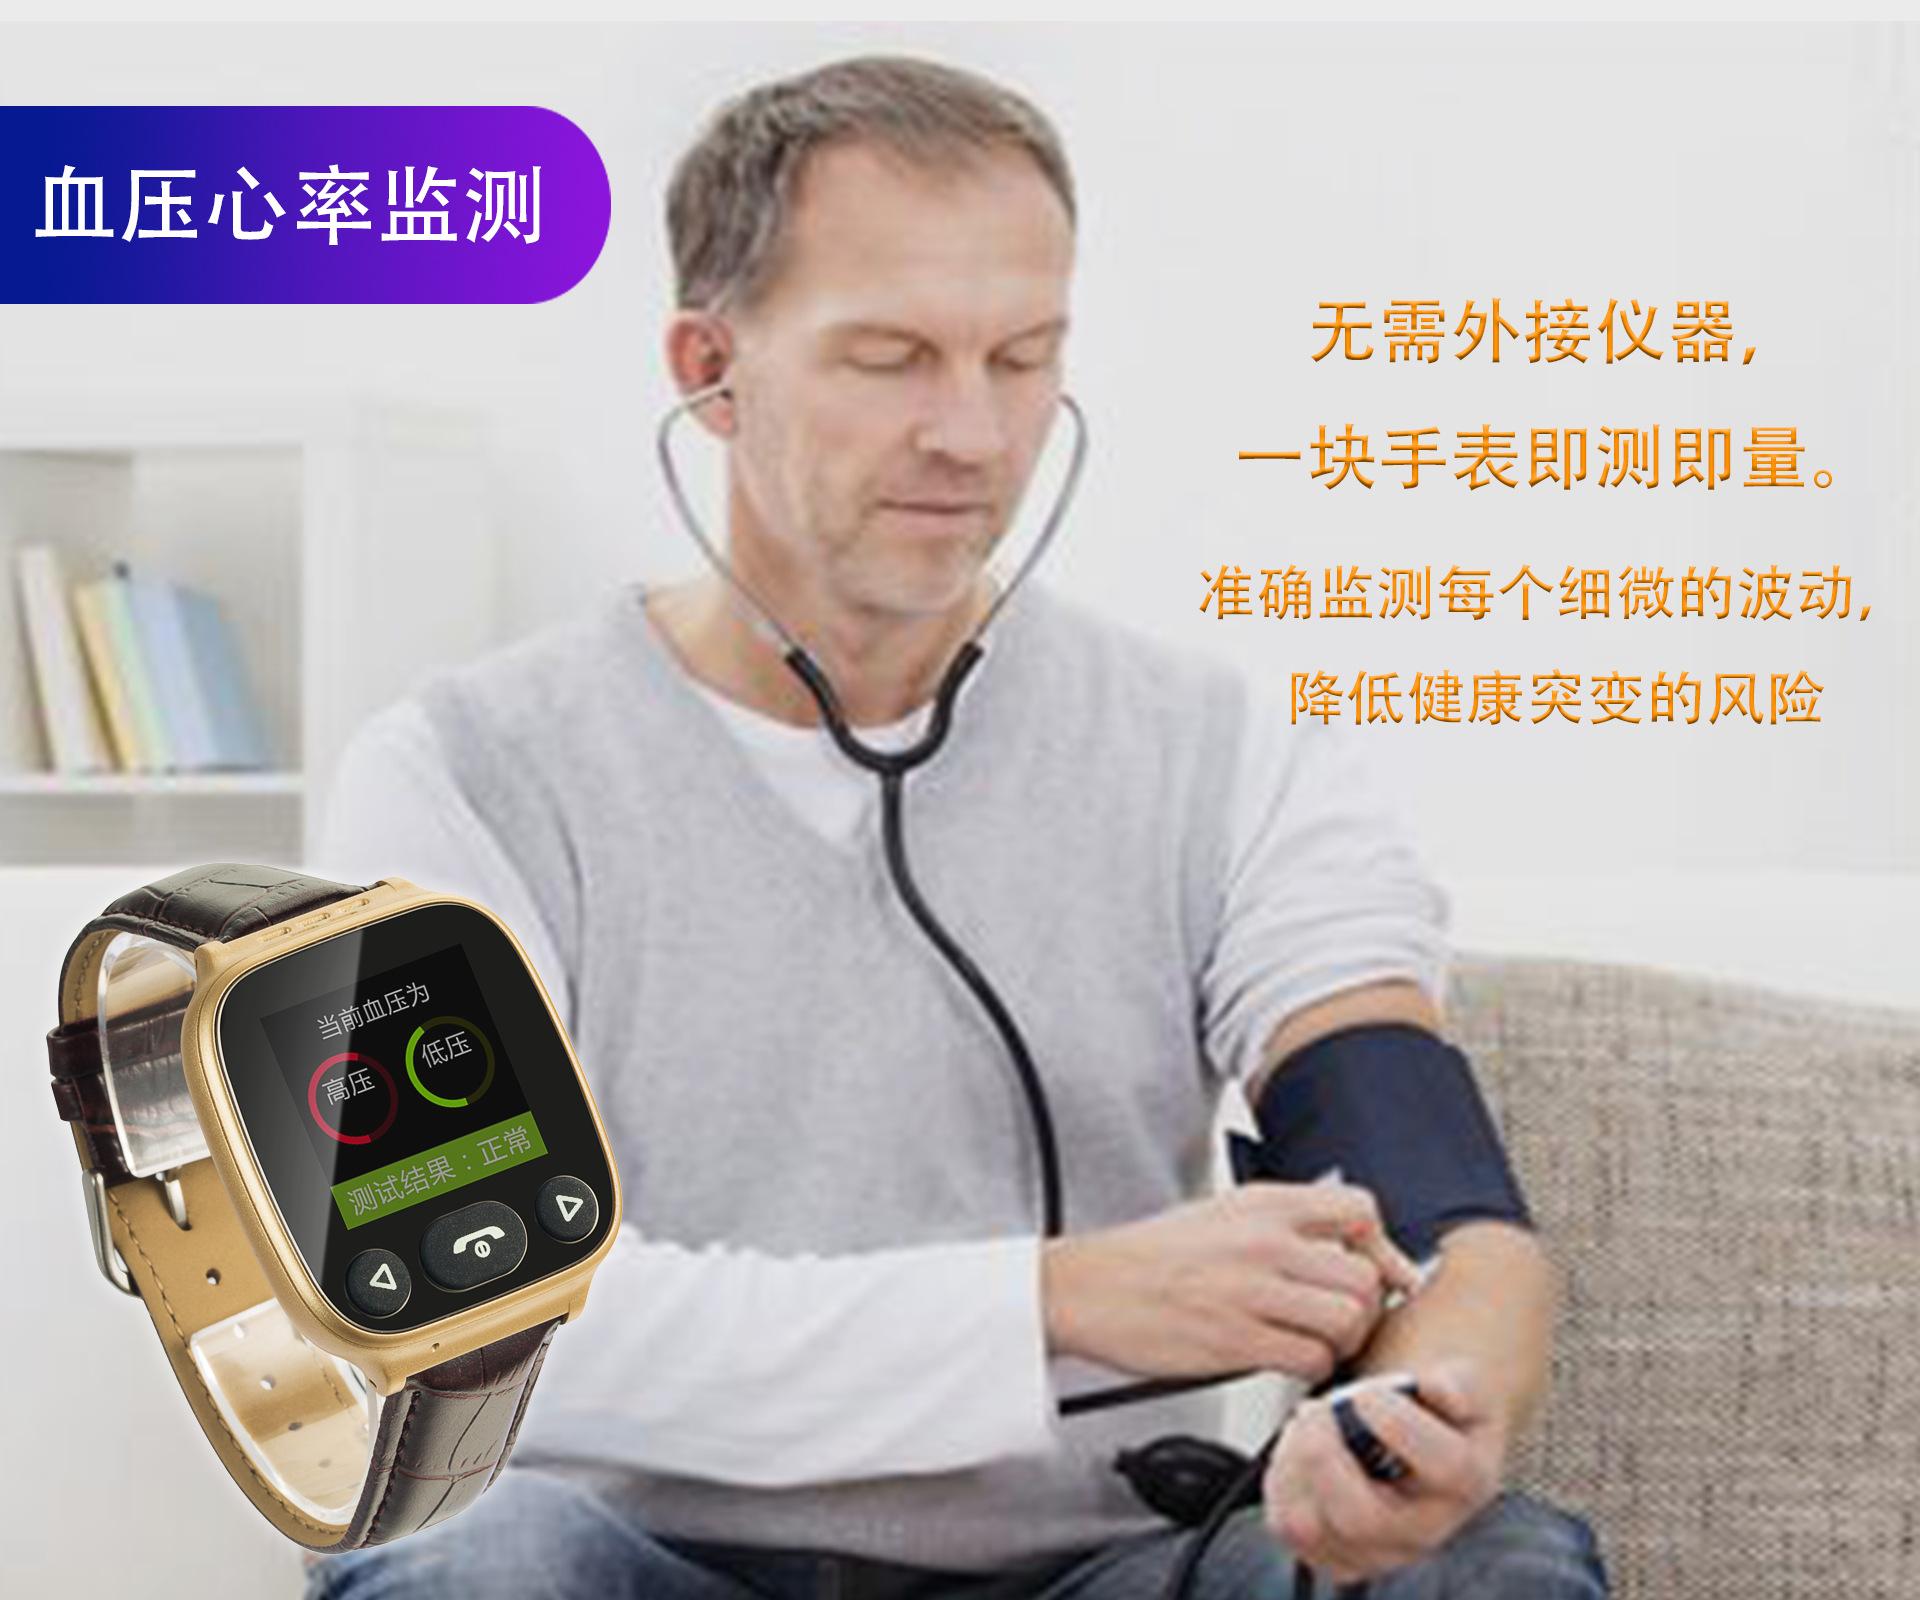 老年人健康管理手表方案